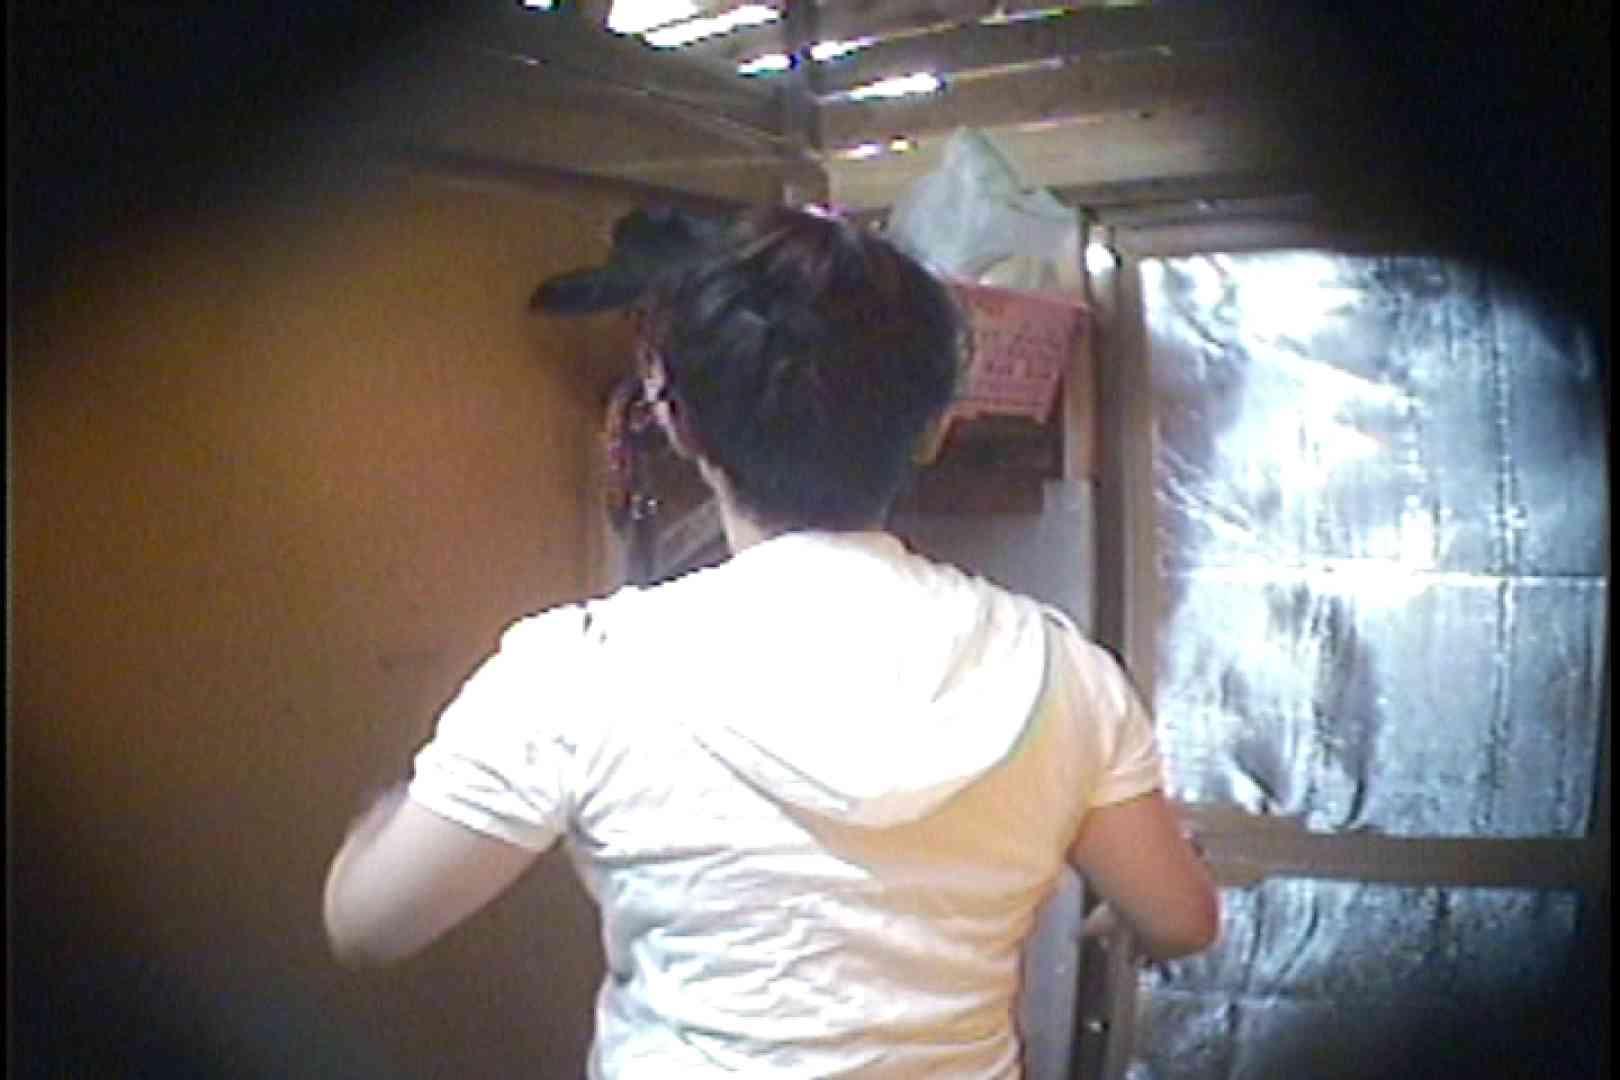 海の家の更衣室 Vol.37 OLの実態   美女  43pic 43